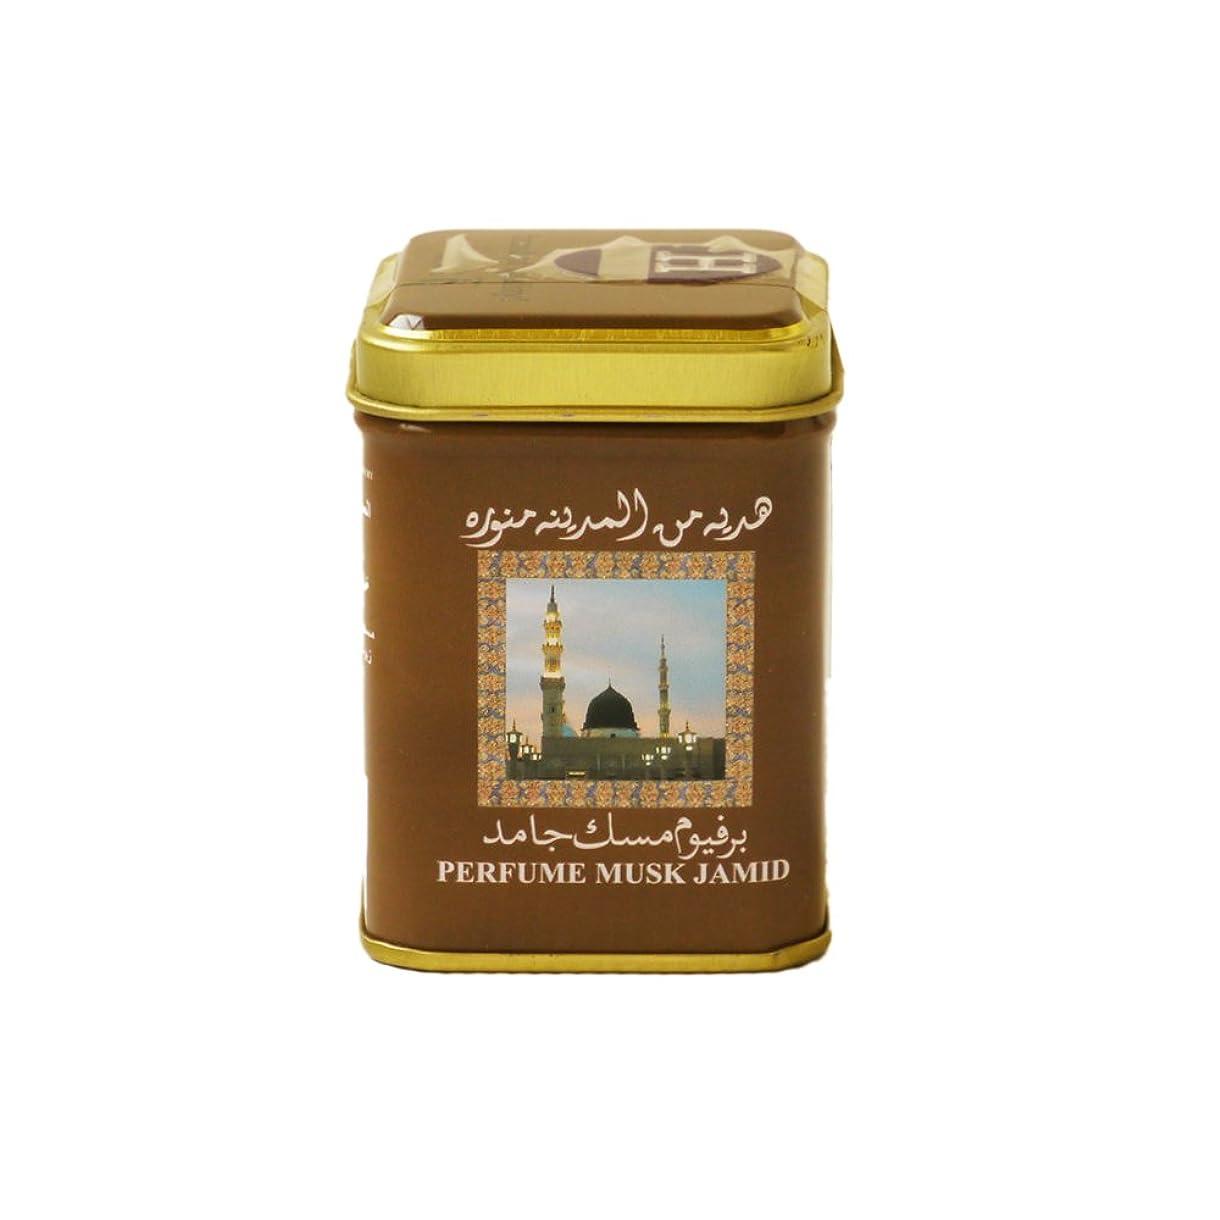 オーブン同化化学Les sens de Marrakech レ センス デ マラケッシュ スクエアムスク 25g